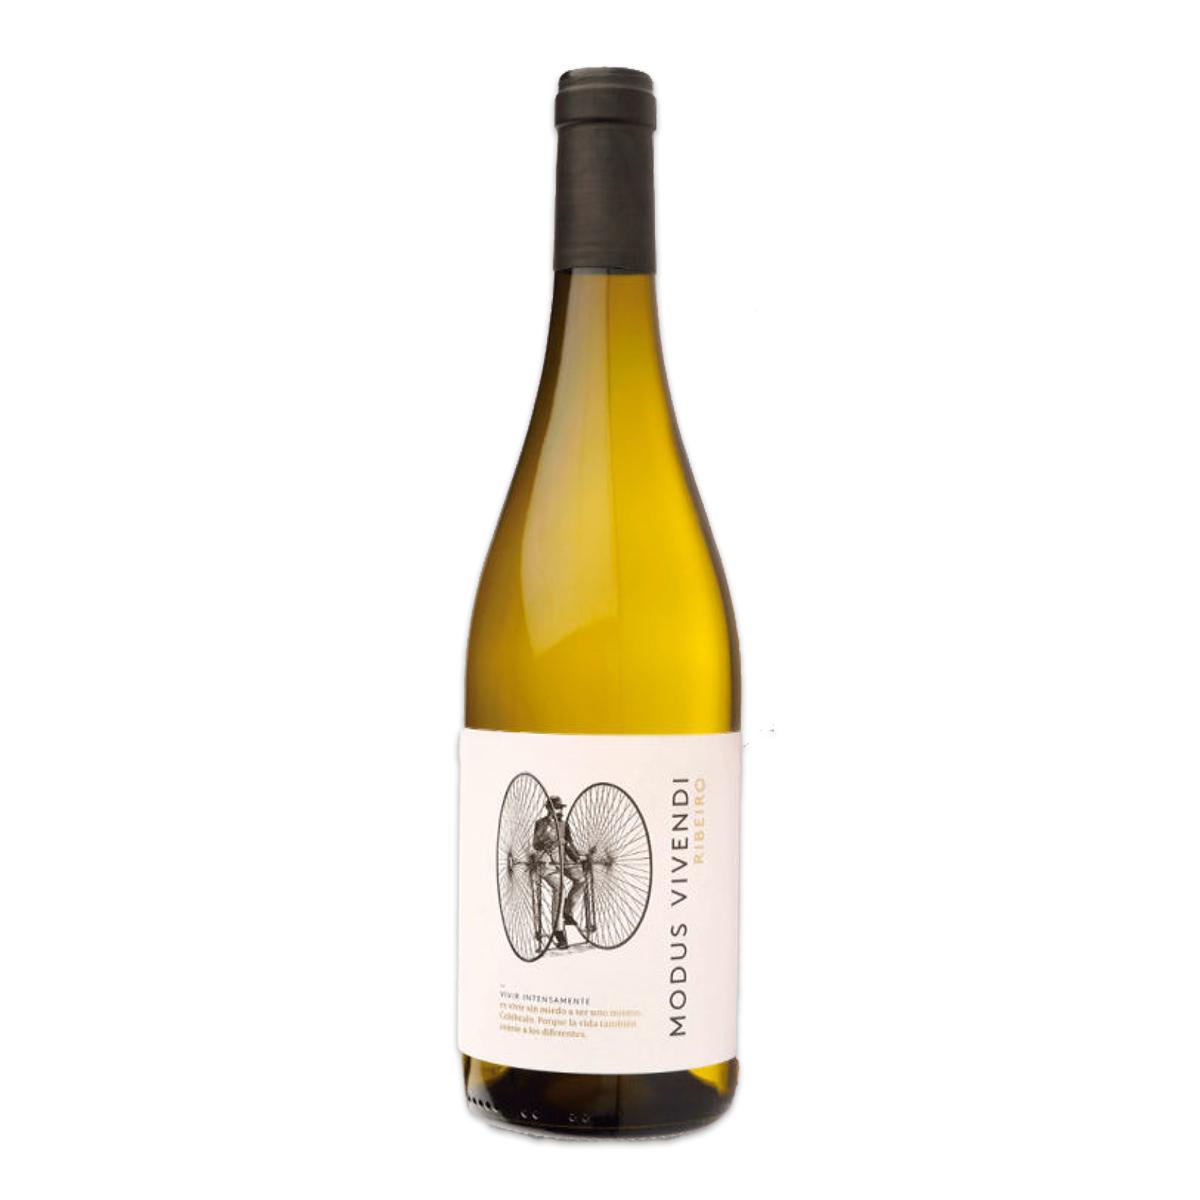 Modus Vivendi Ribeiro 2020, DO Ribeiro  河岸产区2020年干白葡萄酒